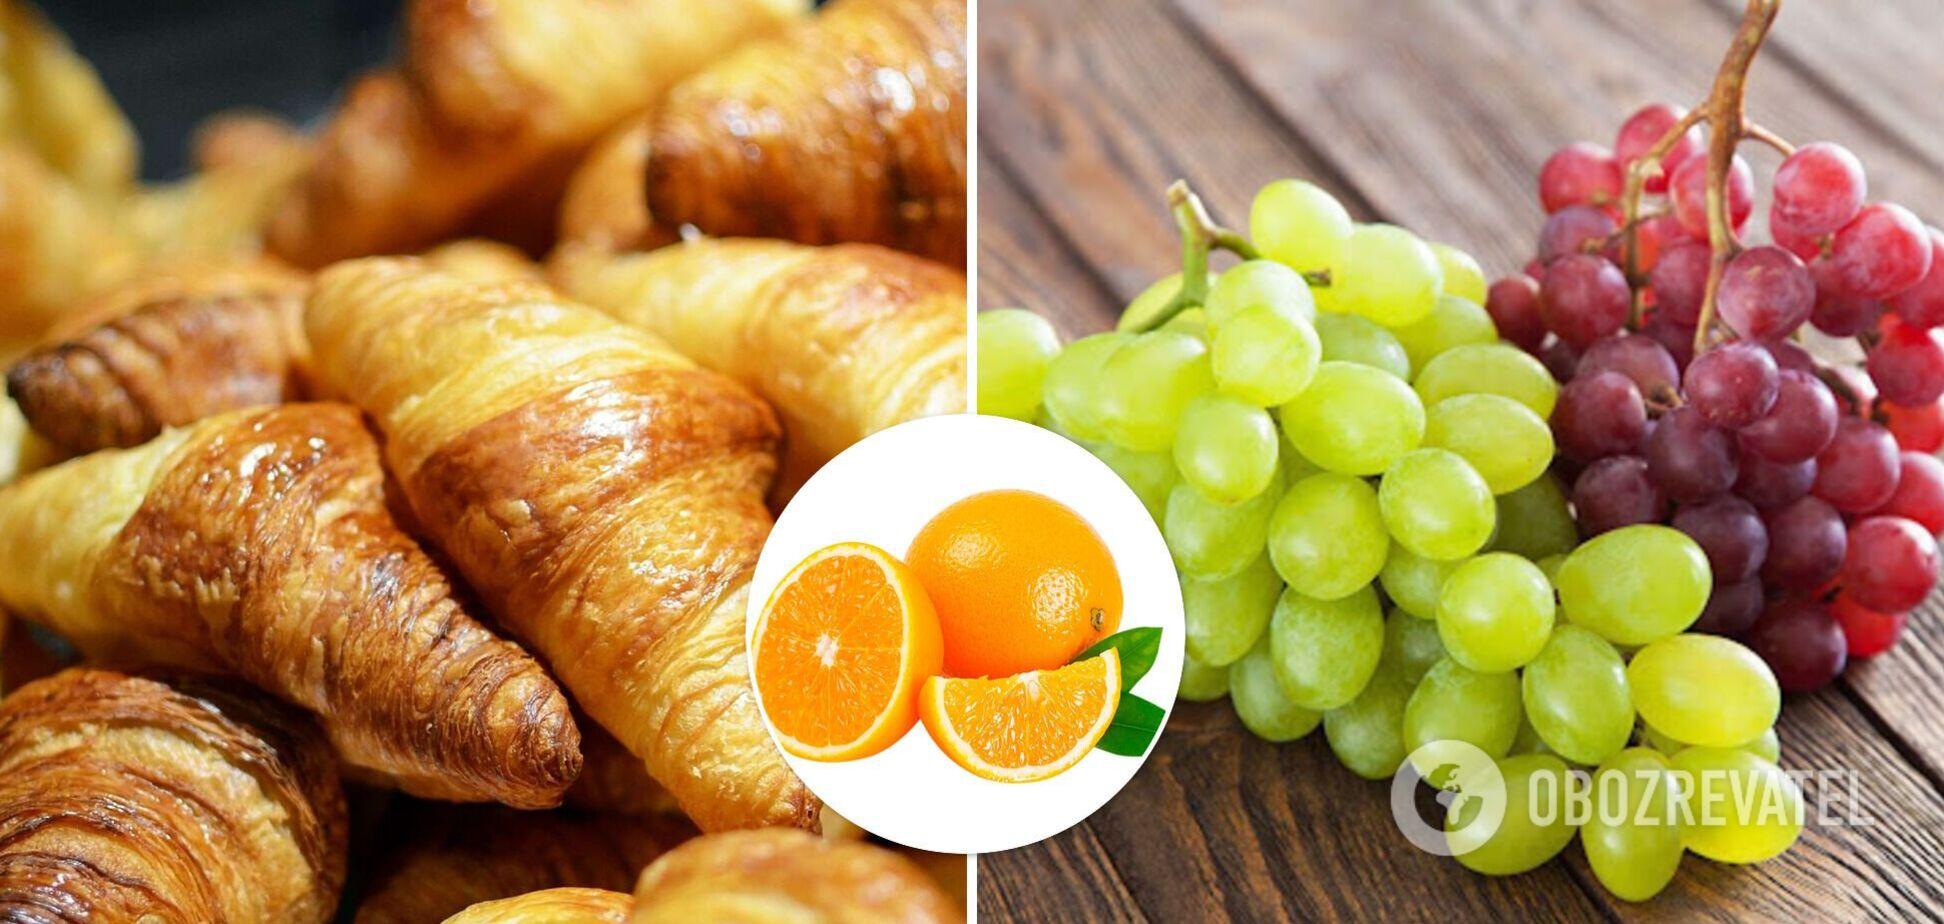 Виноградное топливо и хлебные лампы – необычное использование еды